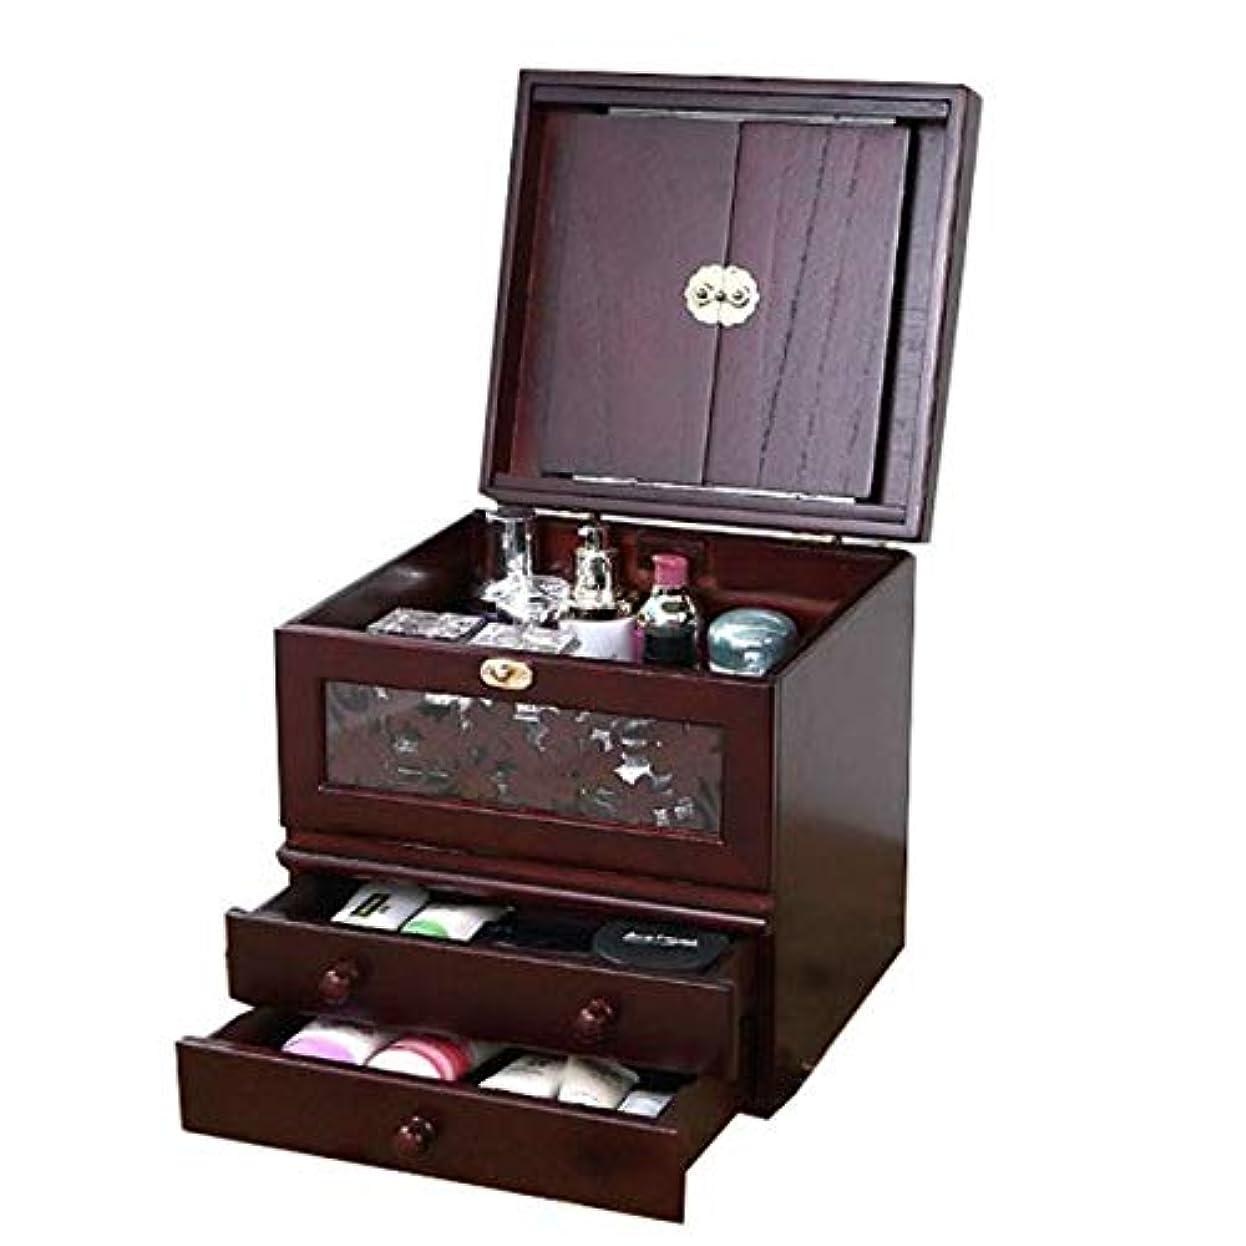 コンソール乏しい行く化粧箱、ミラー付きヴィンテージ木製化粧品ケースの3層、ハイエンドの結婚祝い、新築祝いのギフト、美容ネイルジュエリー収納ボックス